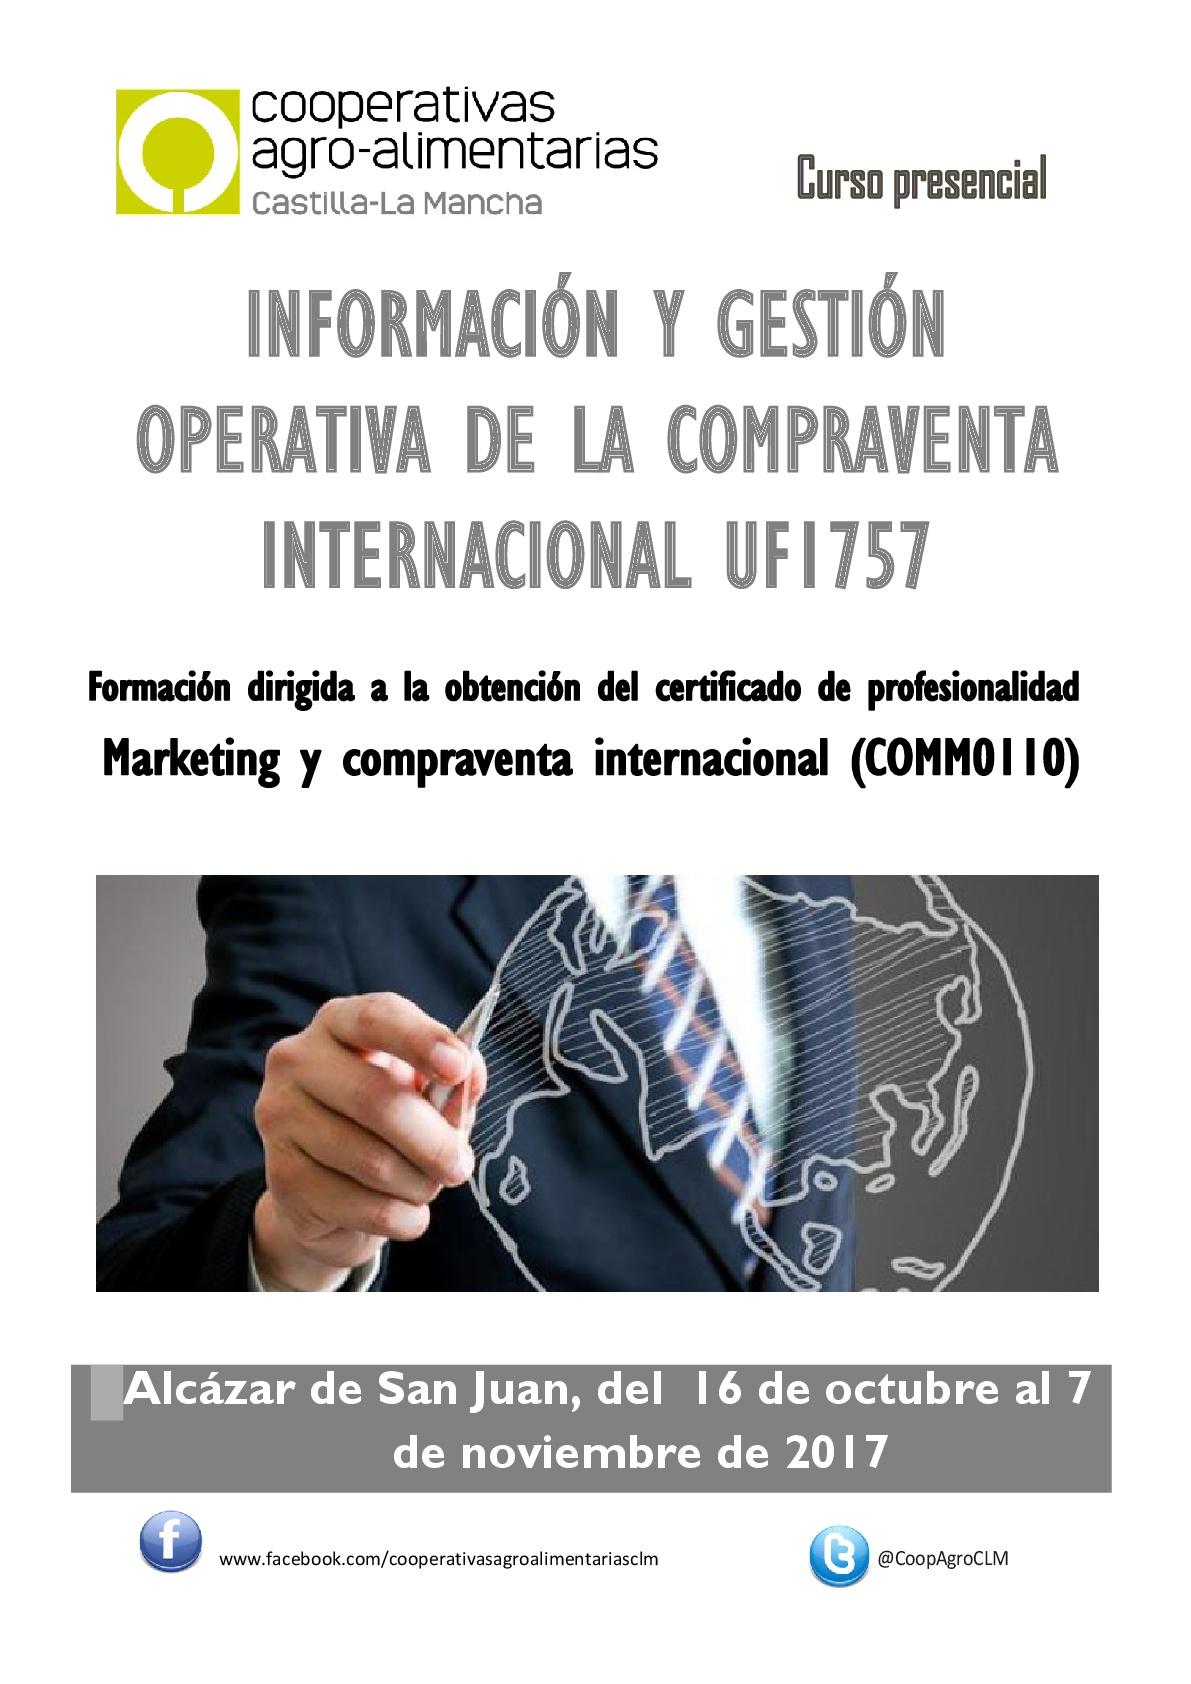 Cooperativas Agro Alimentarias Castilla La Mancha